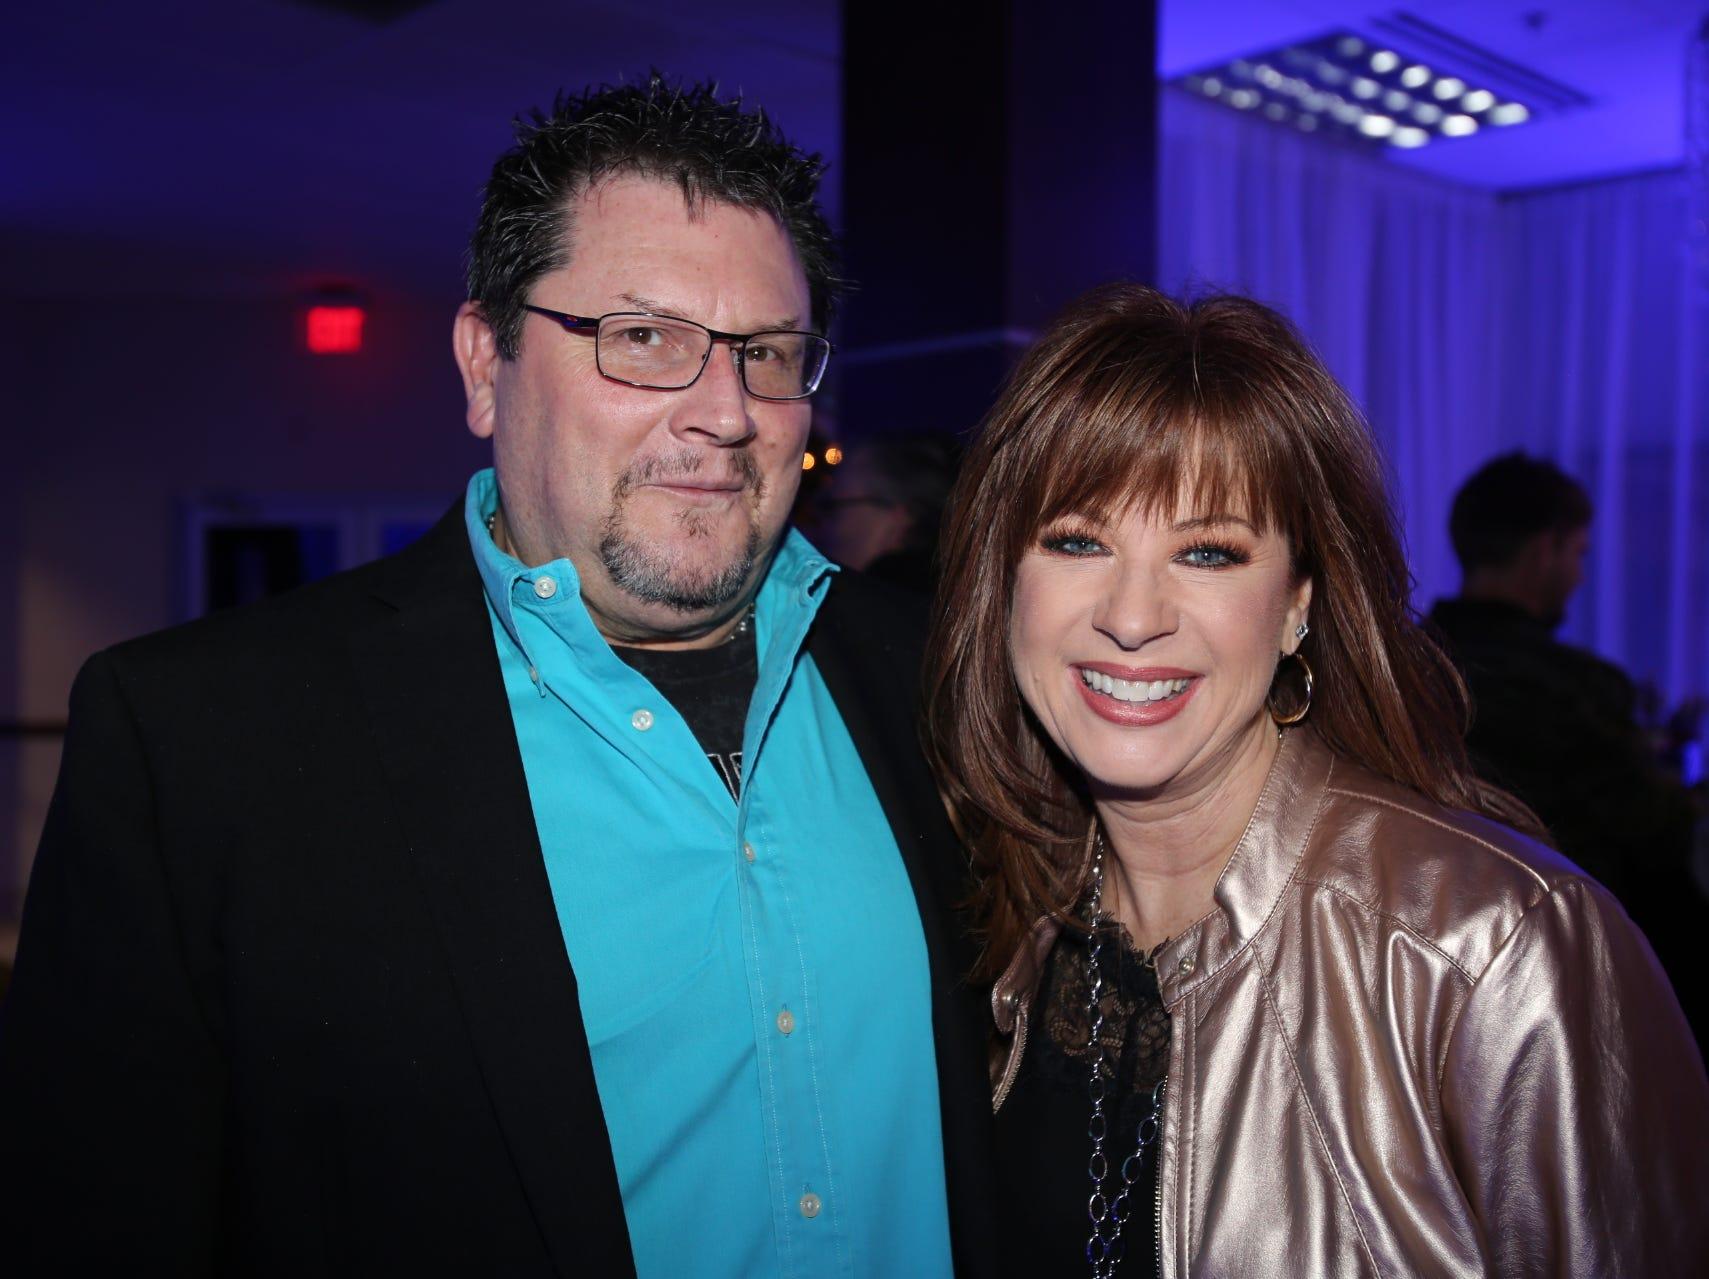 Kenny Martin and Lina Robertson